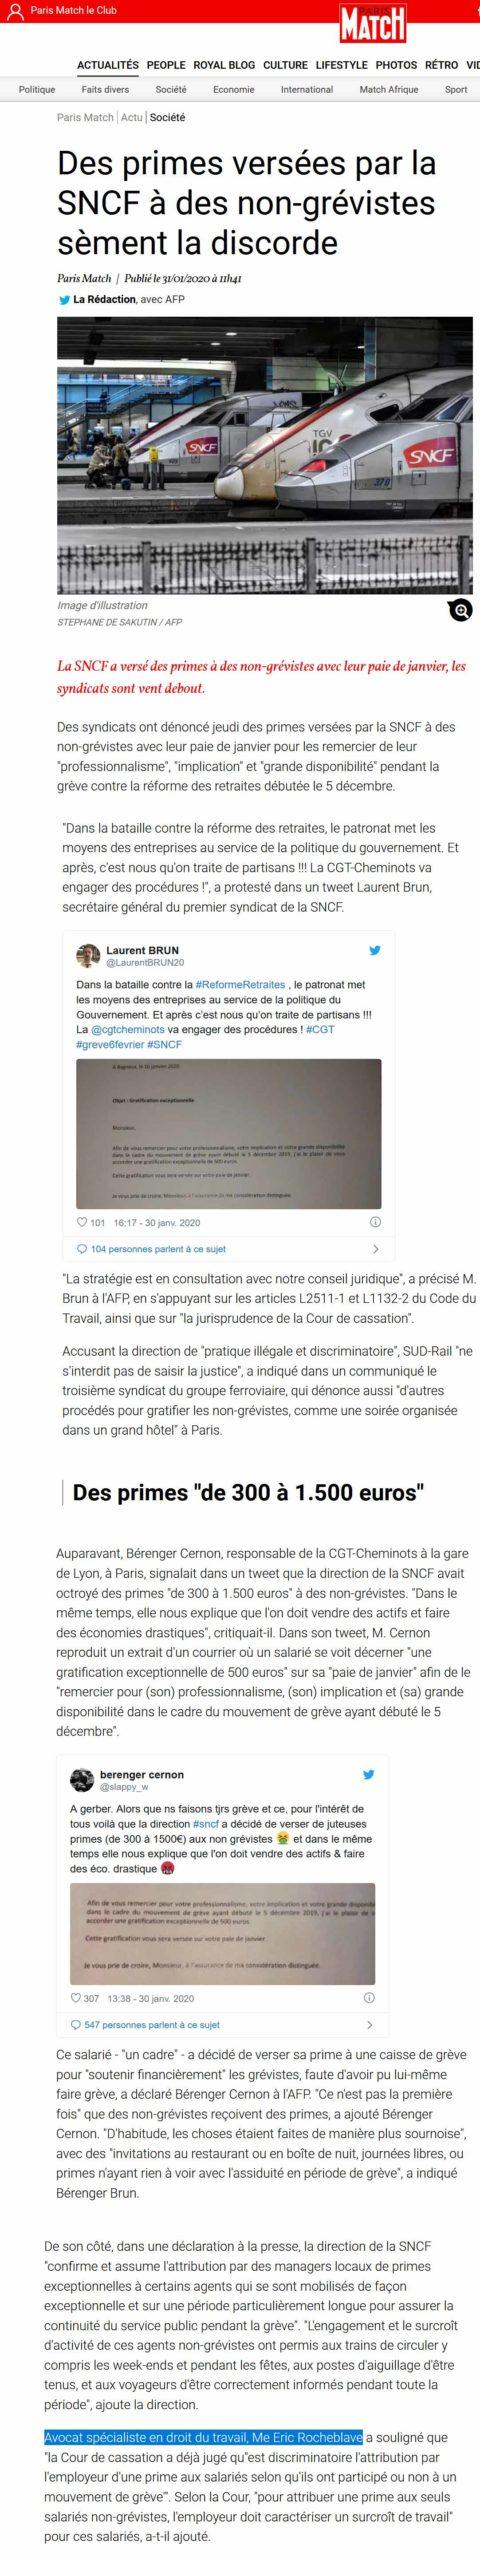 primes-SNCF-non-grévistes